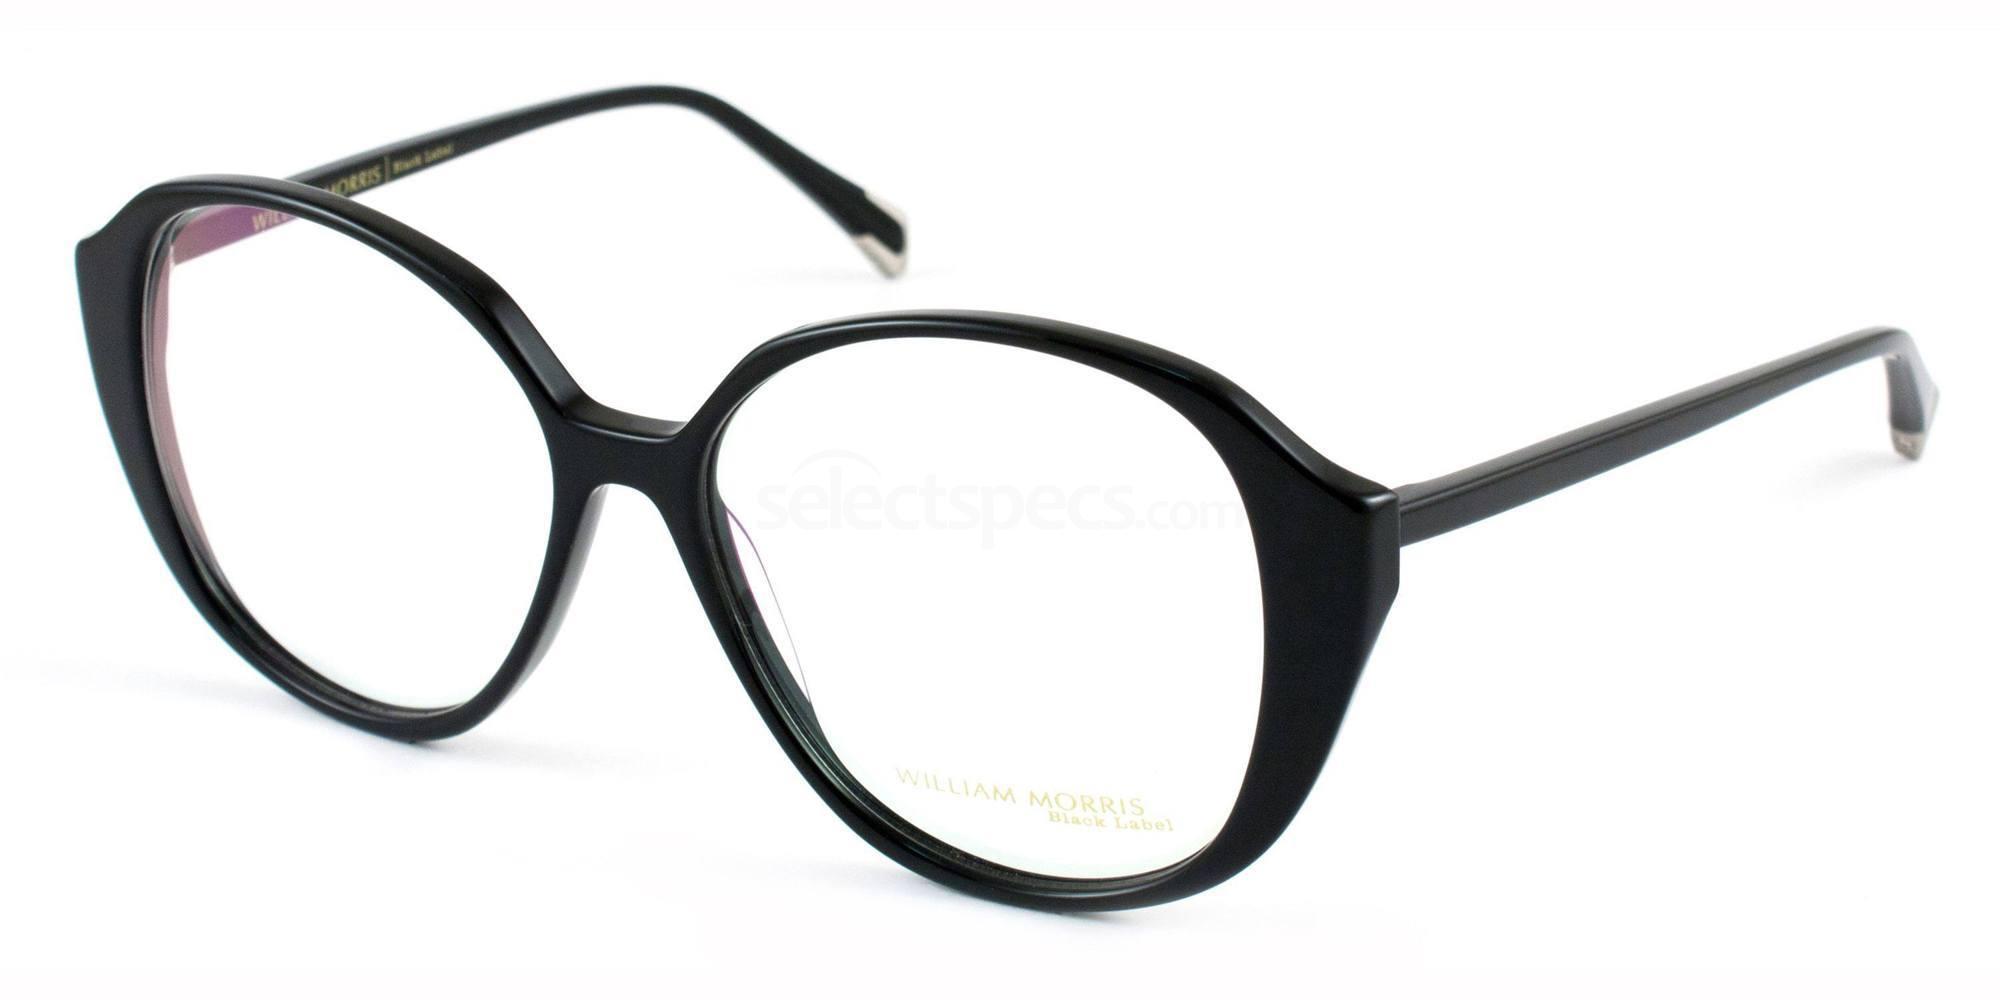 C1 BL37 Glasses, William Morris Black Label